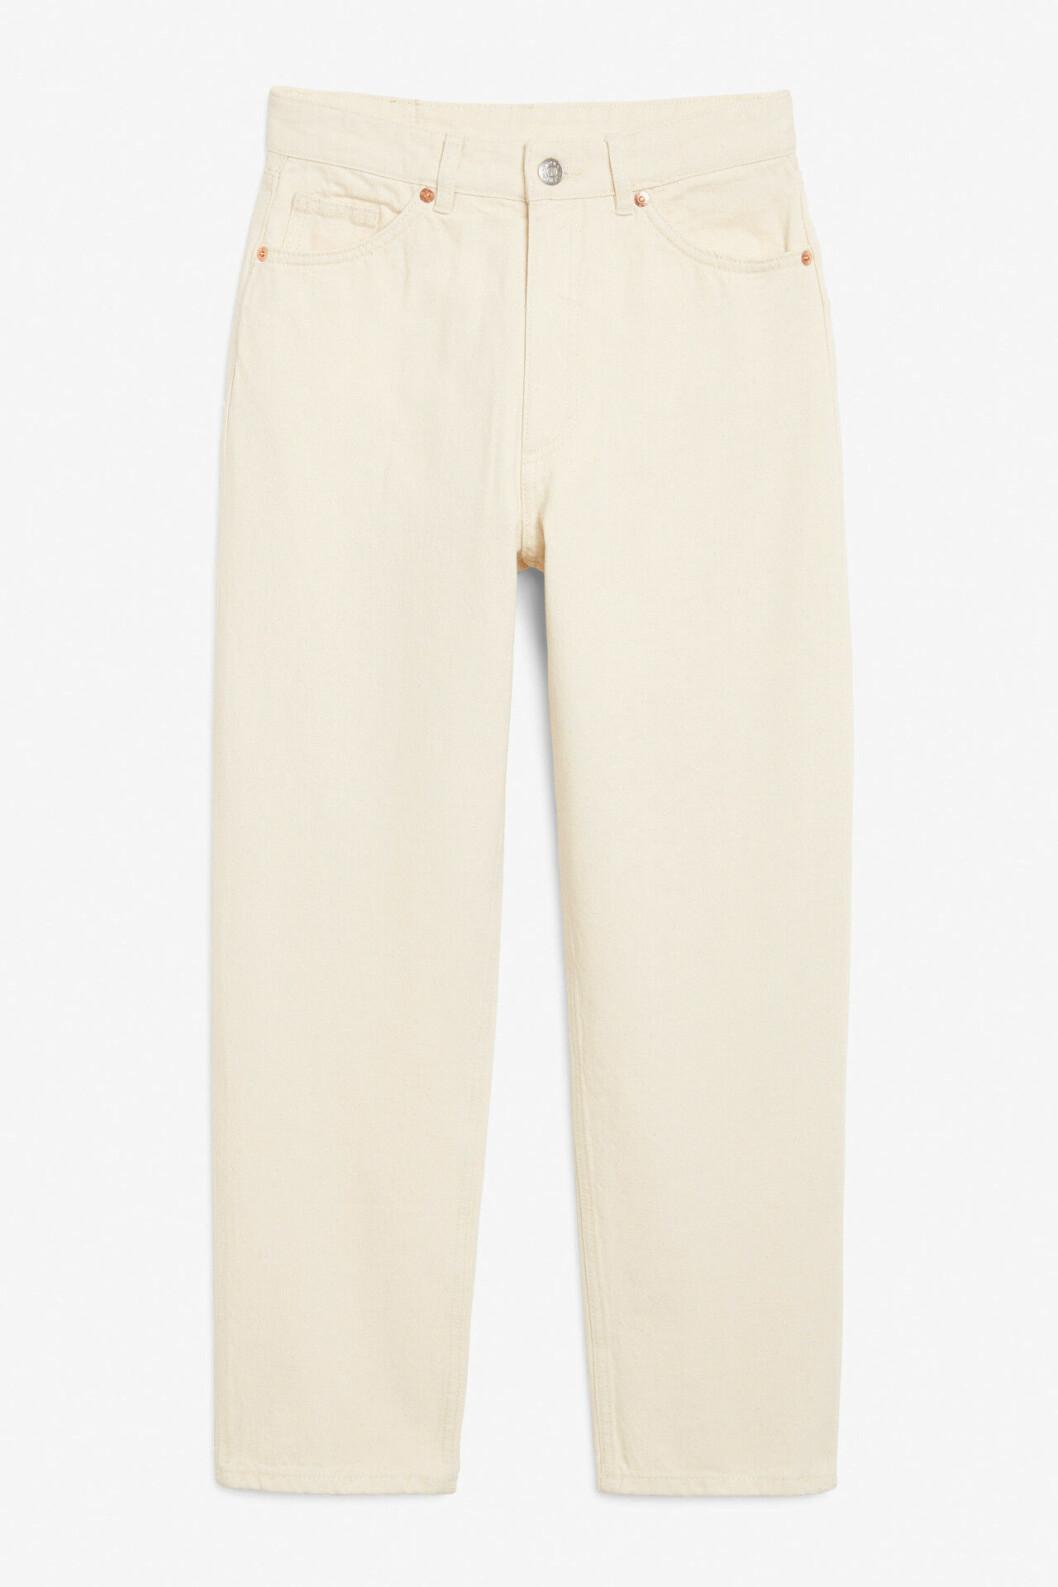 Beige jeans i rak modell till 2020